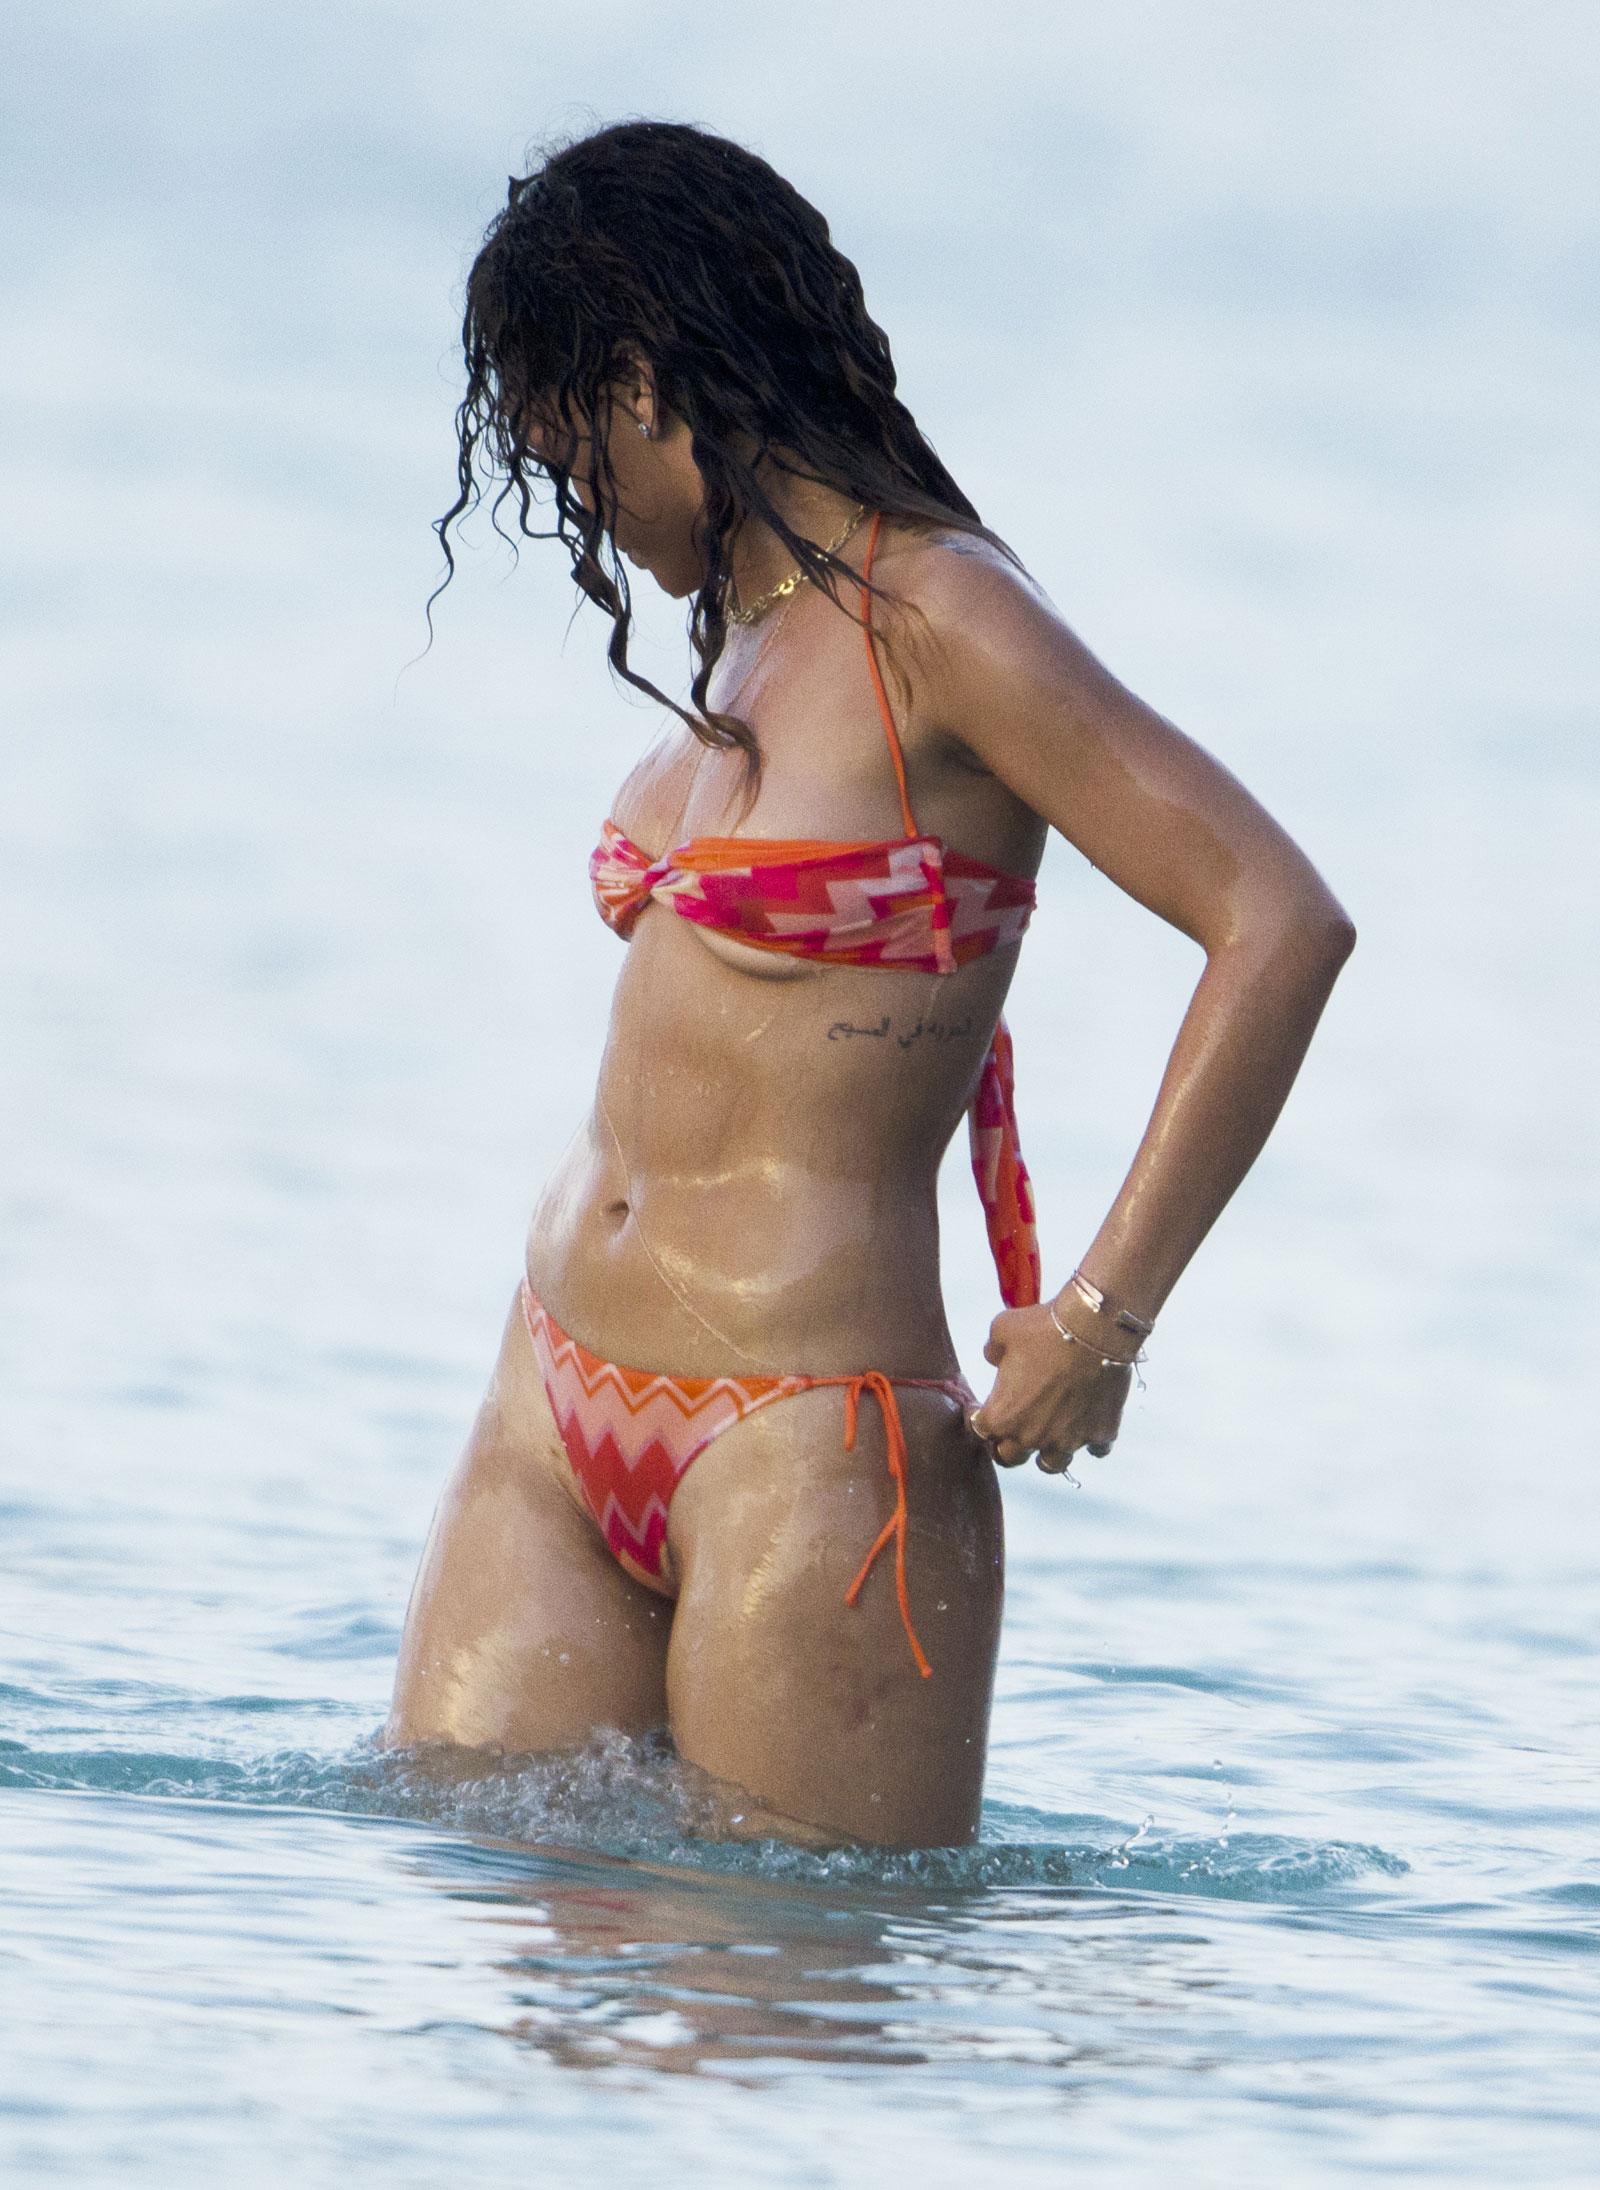 Bikini rihanna Shocking ALLEGED